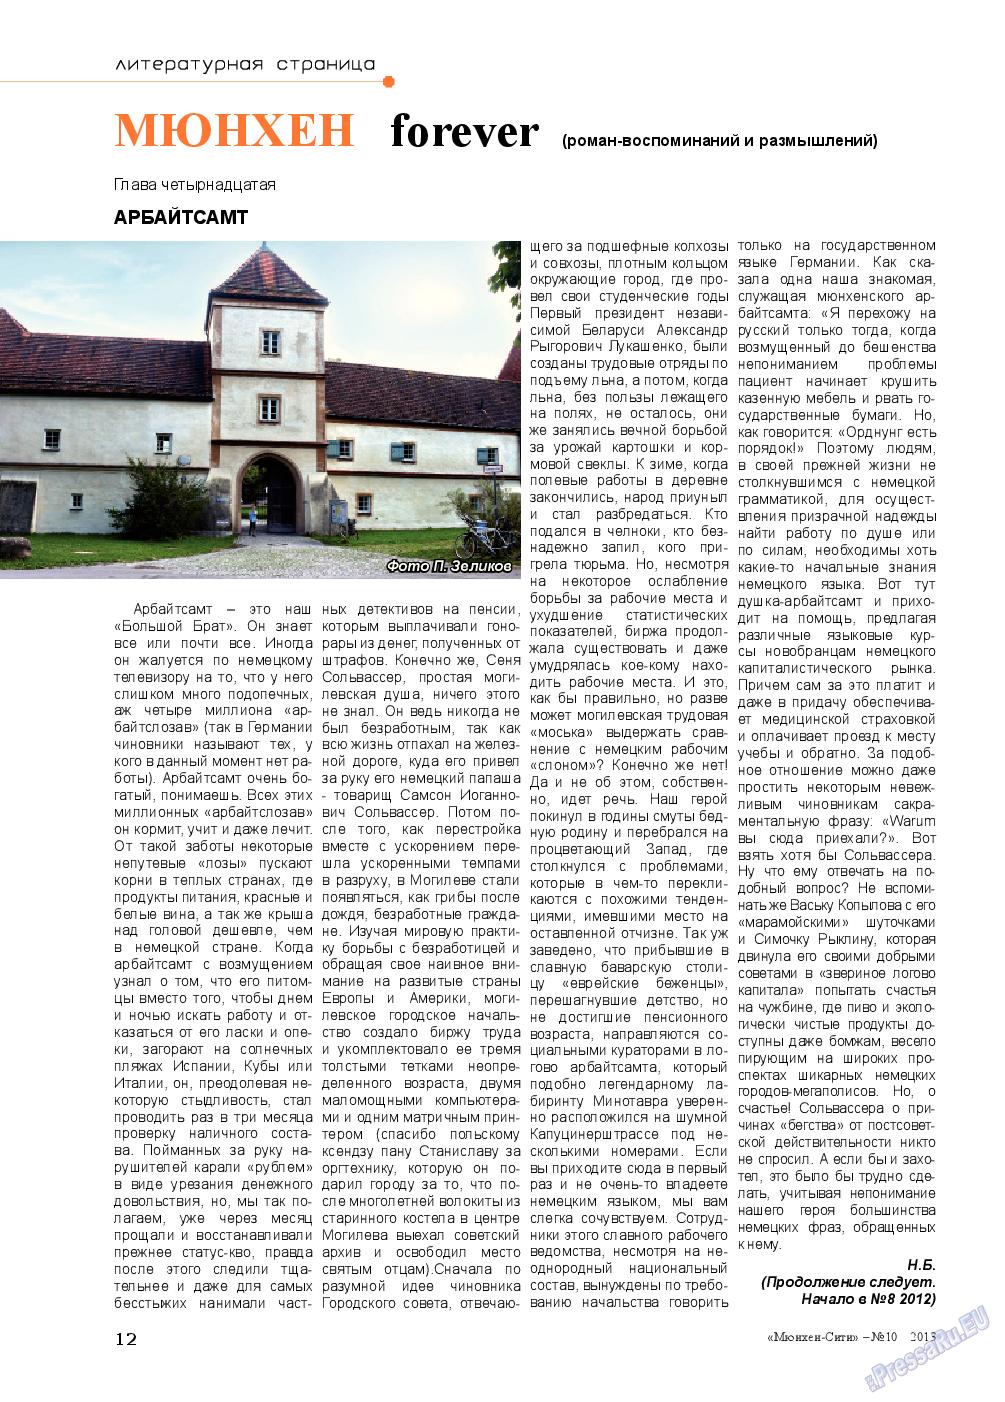 Мюнхен-сити (журнал). 2013 год, номер 10, стр. 12